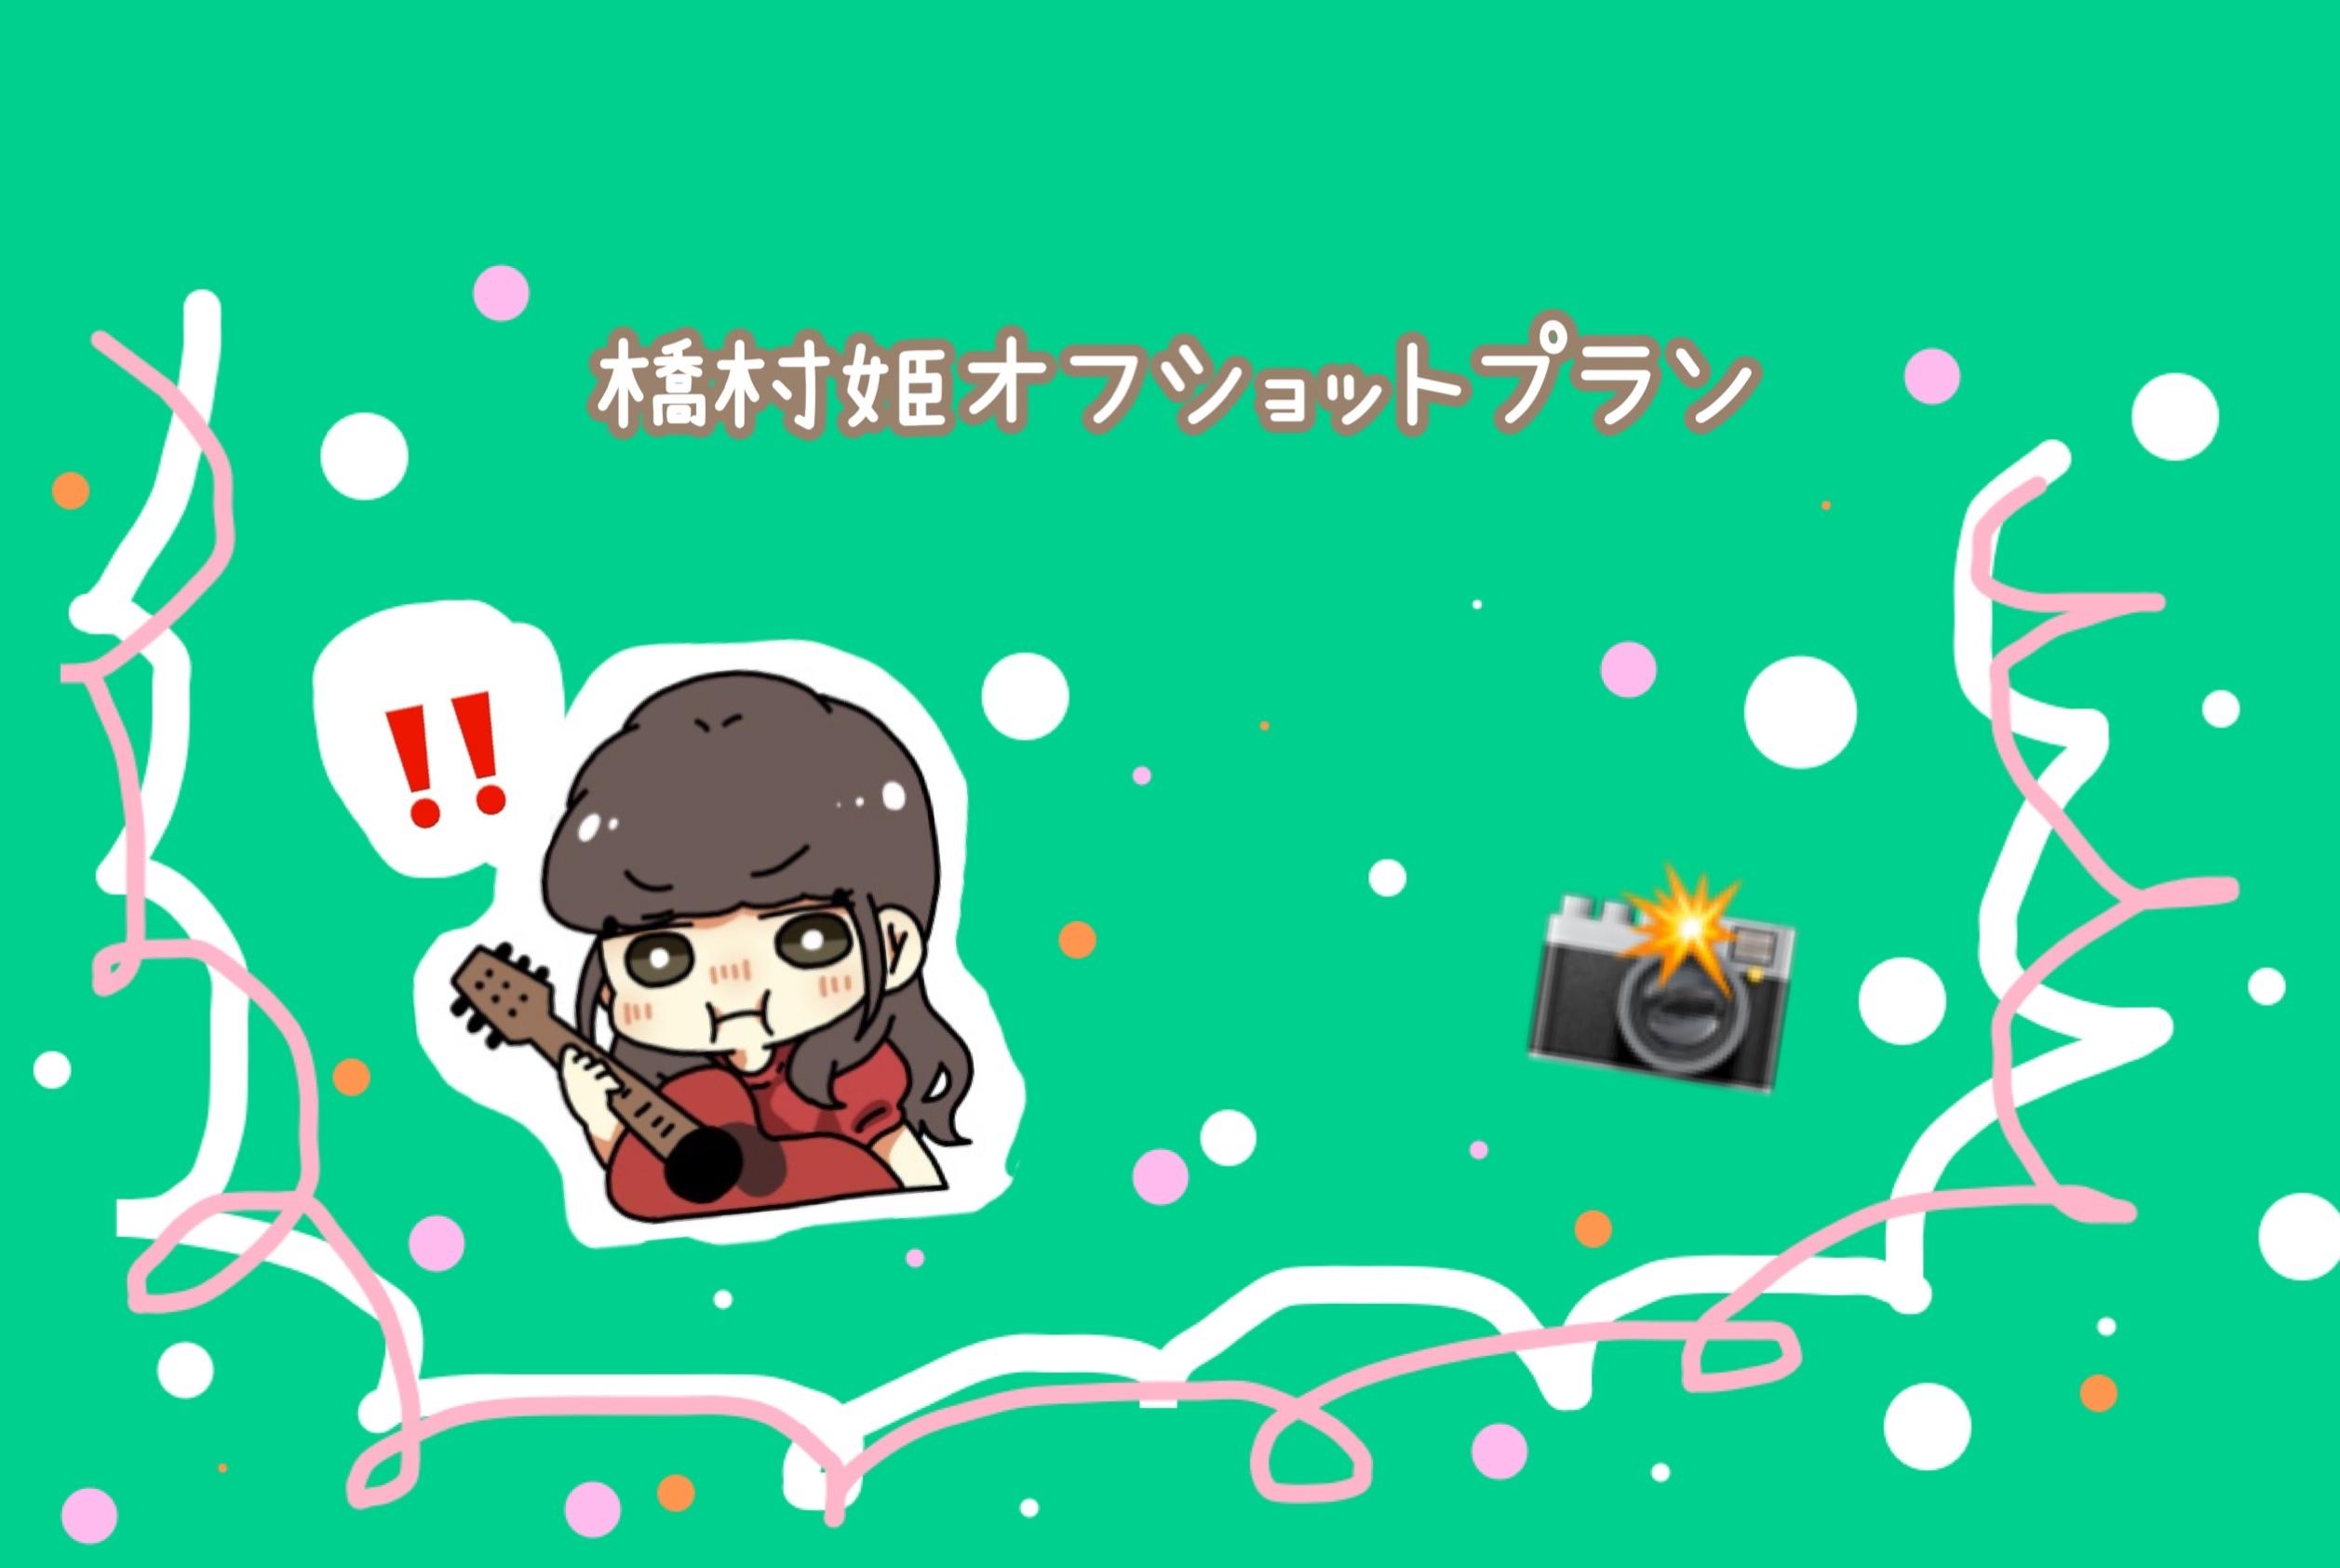 <橋村姫 オフショットプラン>